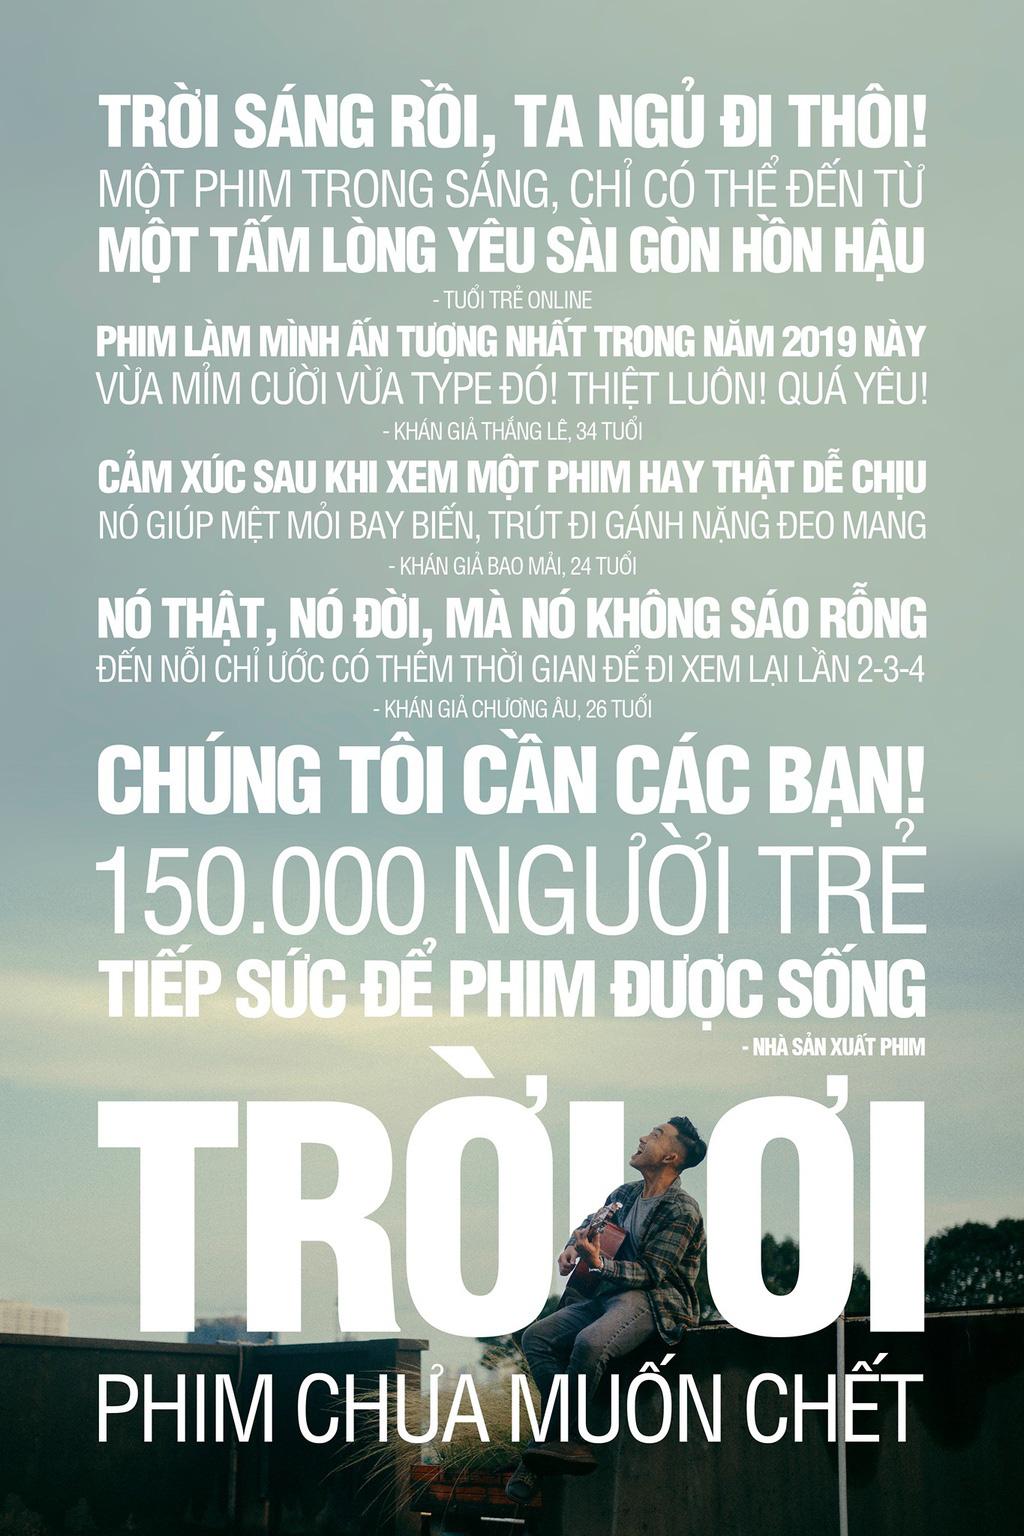 Đủ món nghề từ ca múa nhạc cho đến thanh xuân vườn trường, 4 phim Việt này đều phải kêu cứu ở năm 2019 - Ảnh 6.